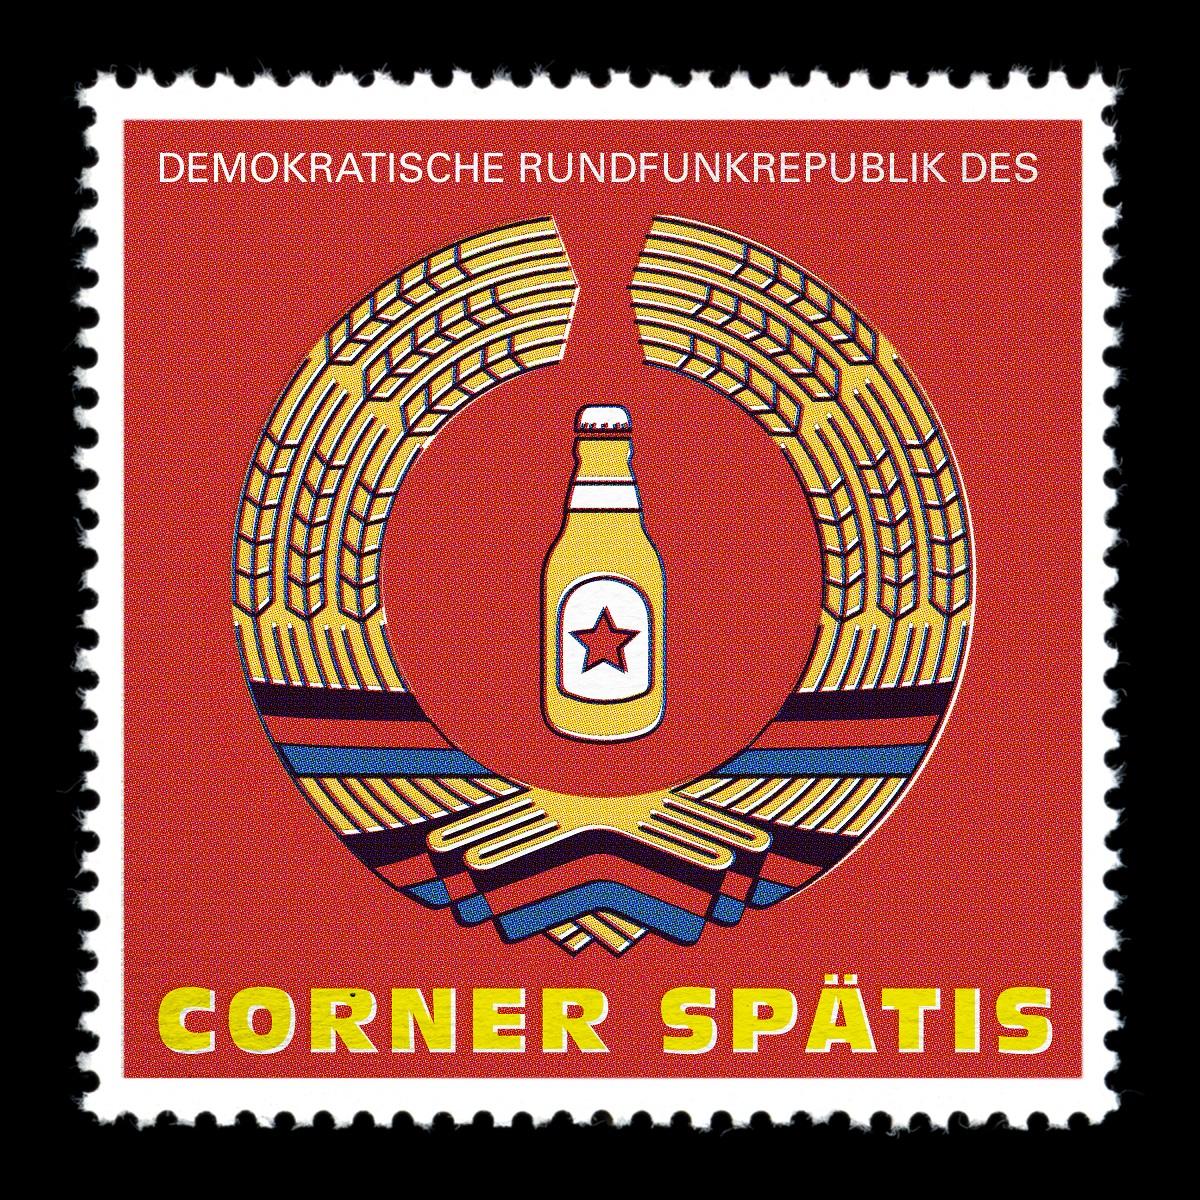 Corner Späti